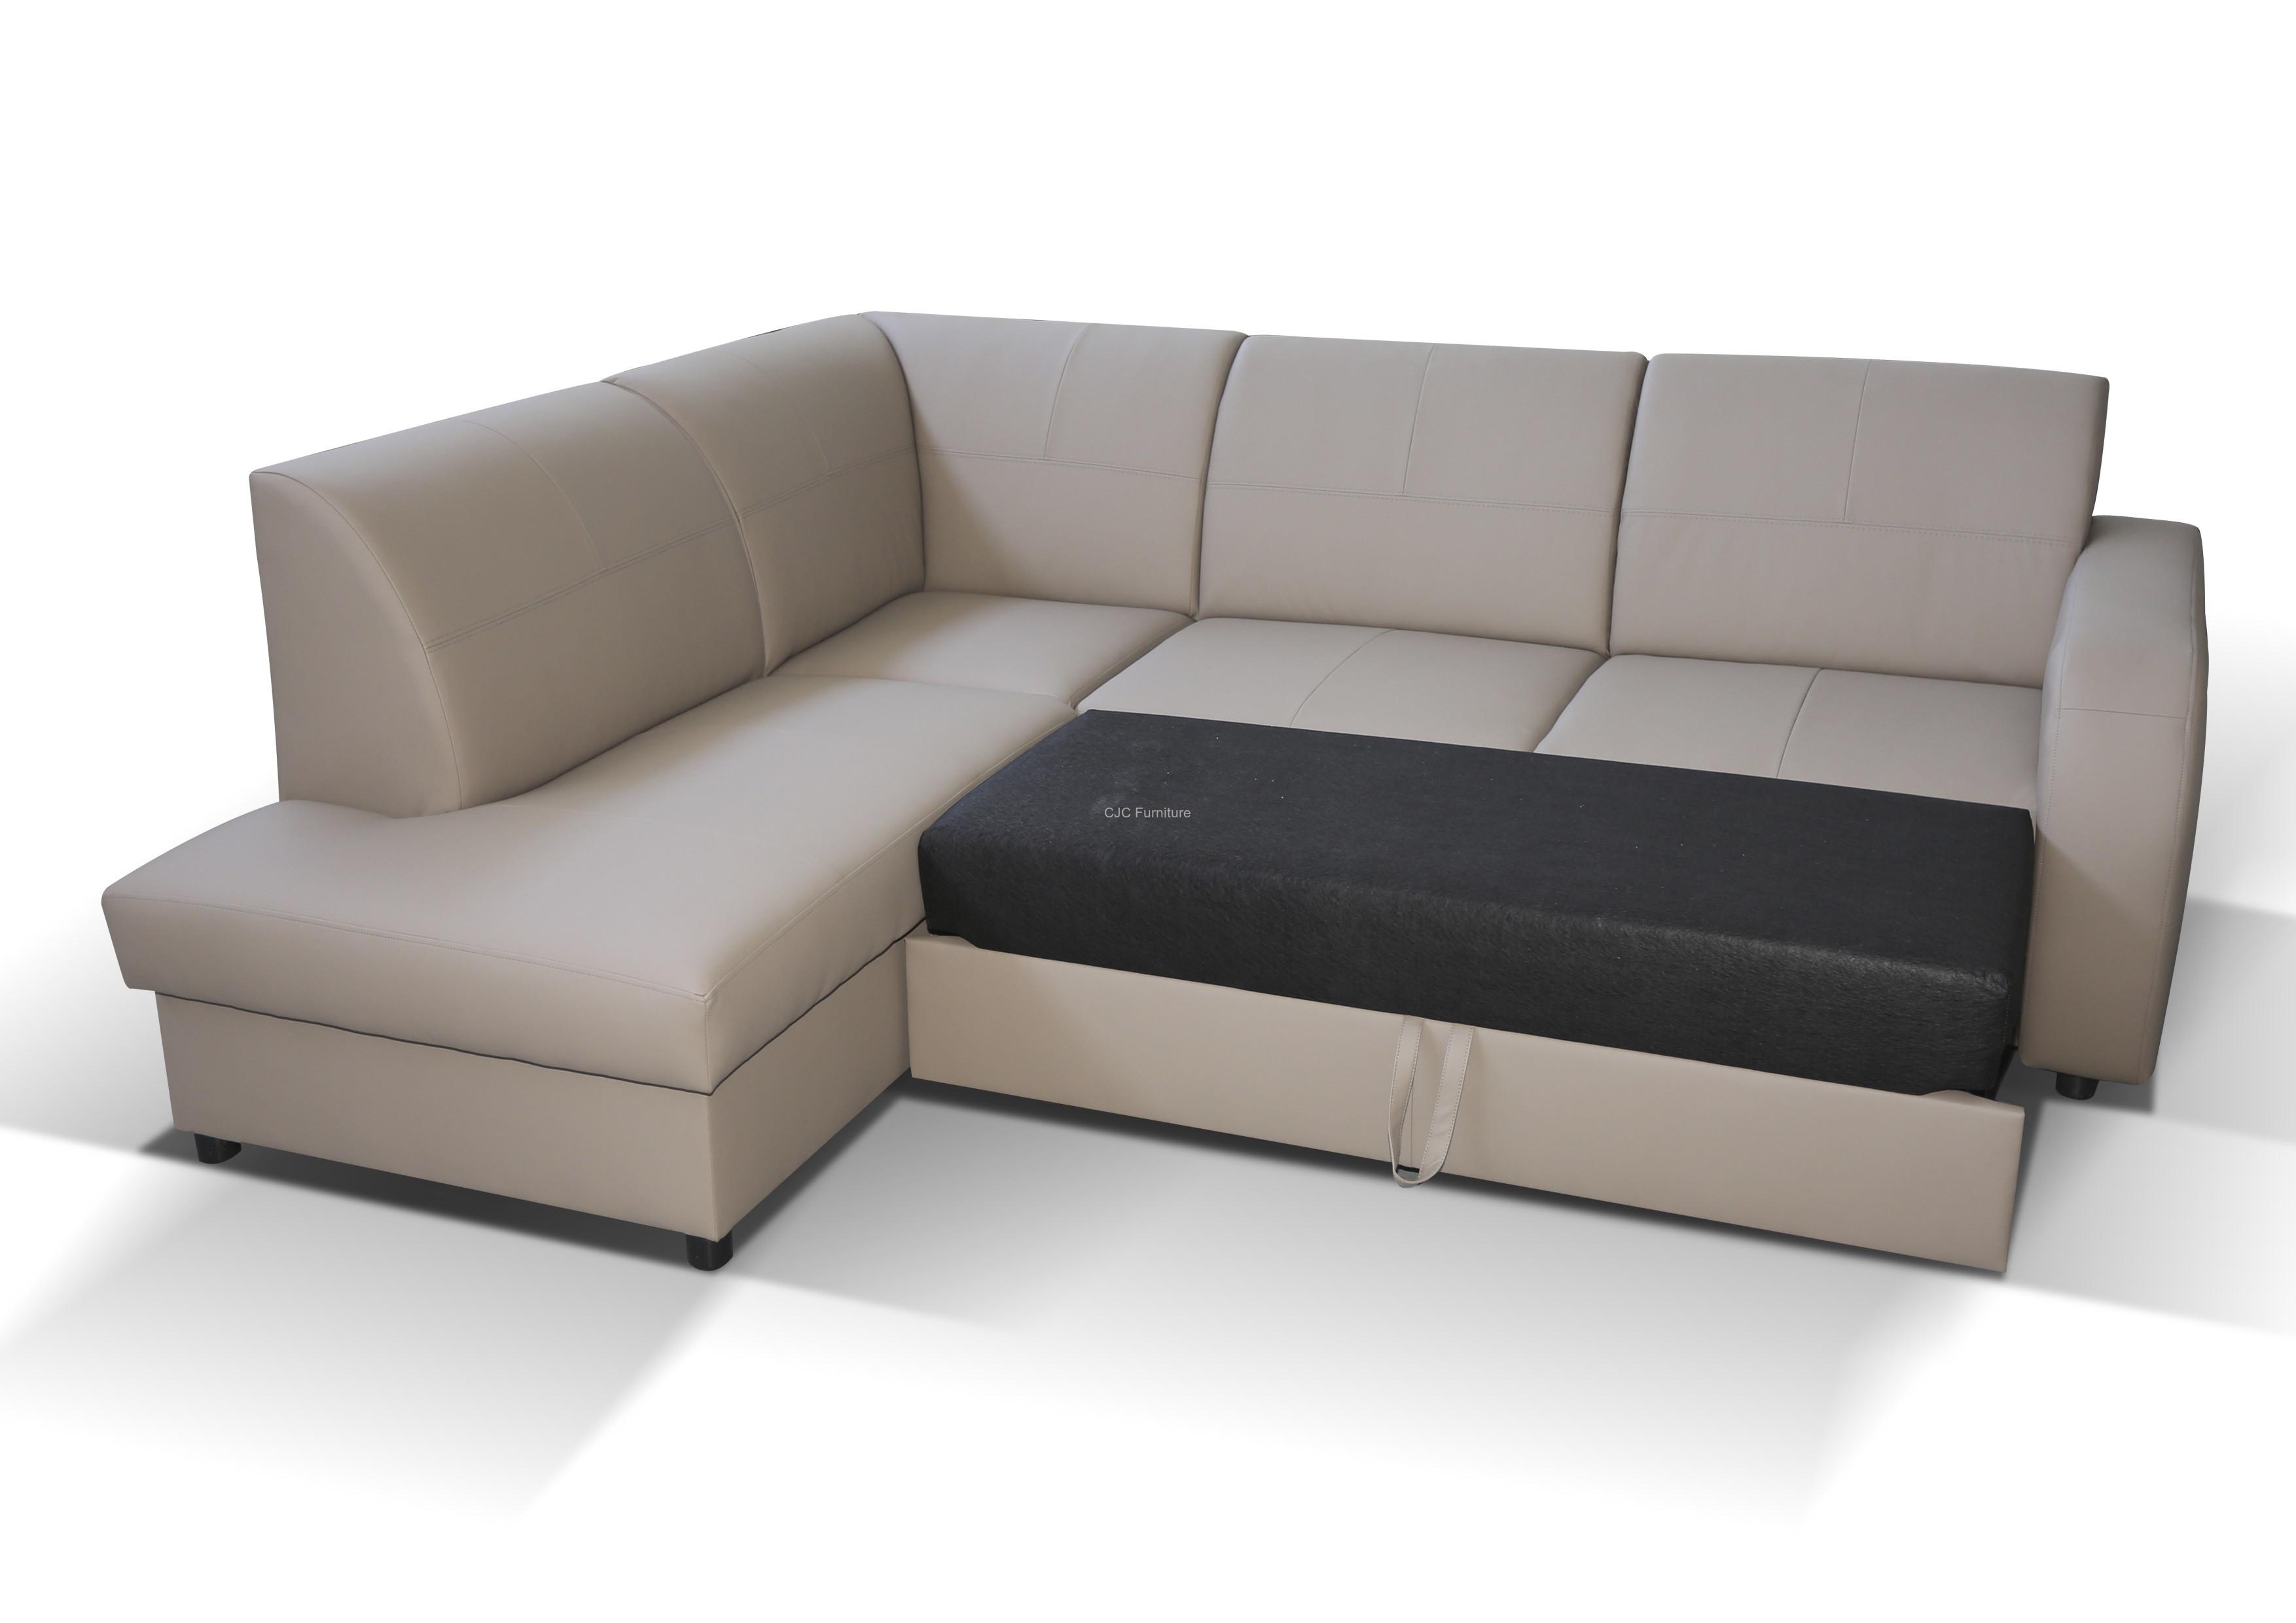 lift corner sofa bed left handed HAXHTFS